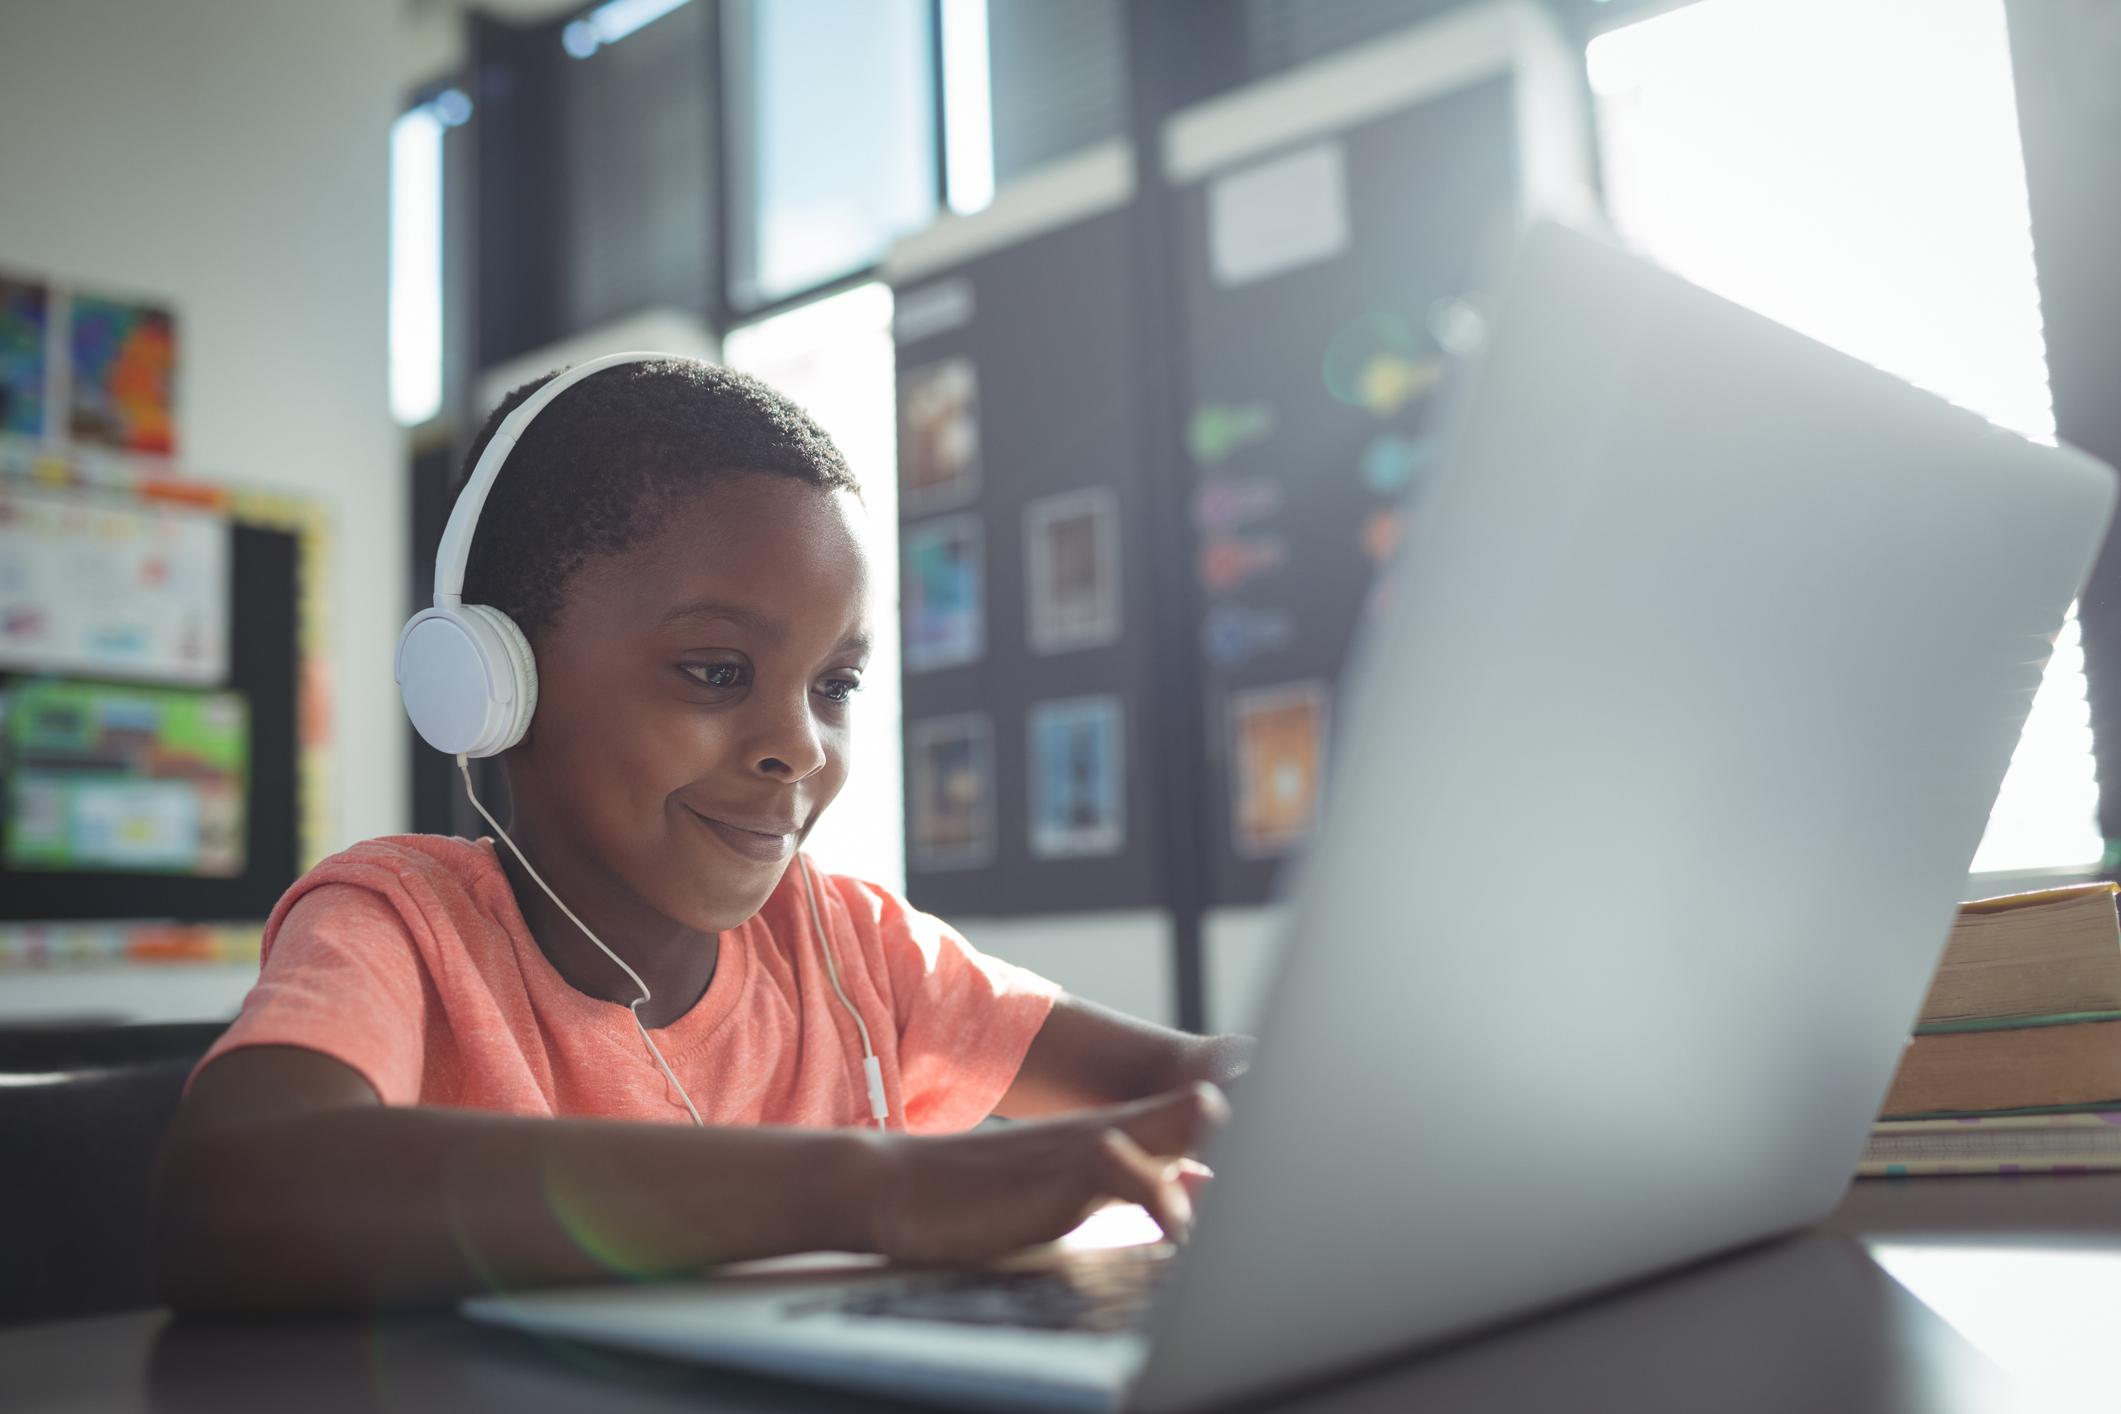 boy on laptop in class